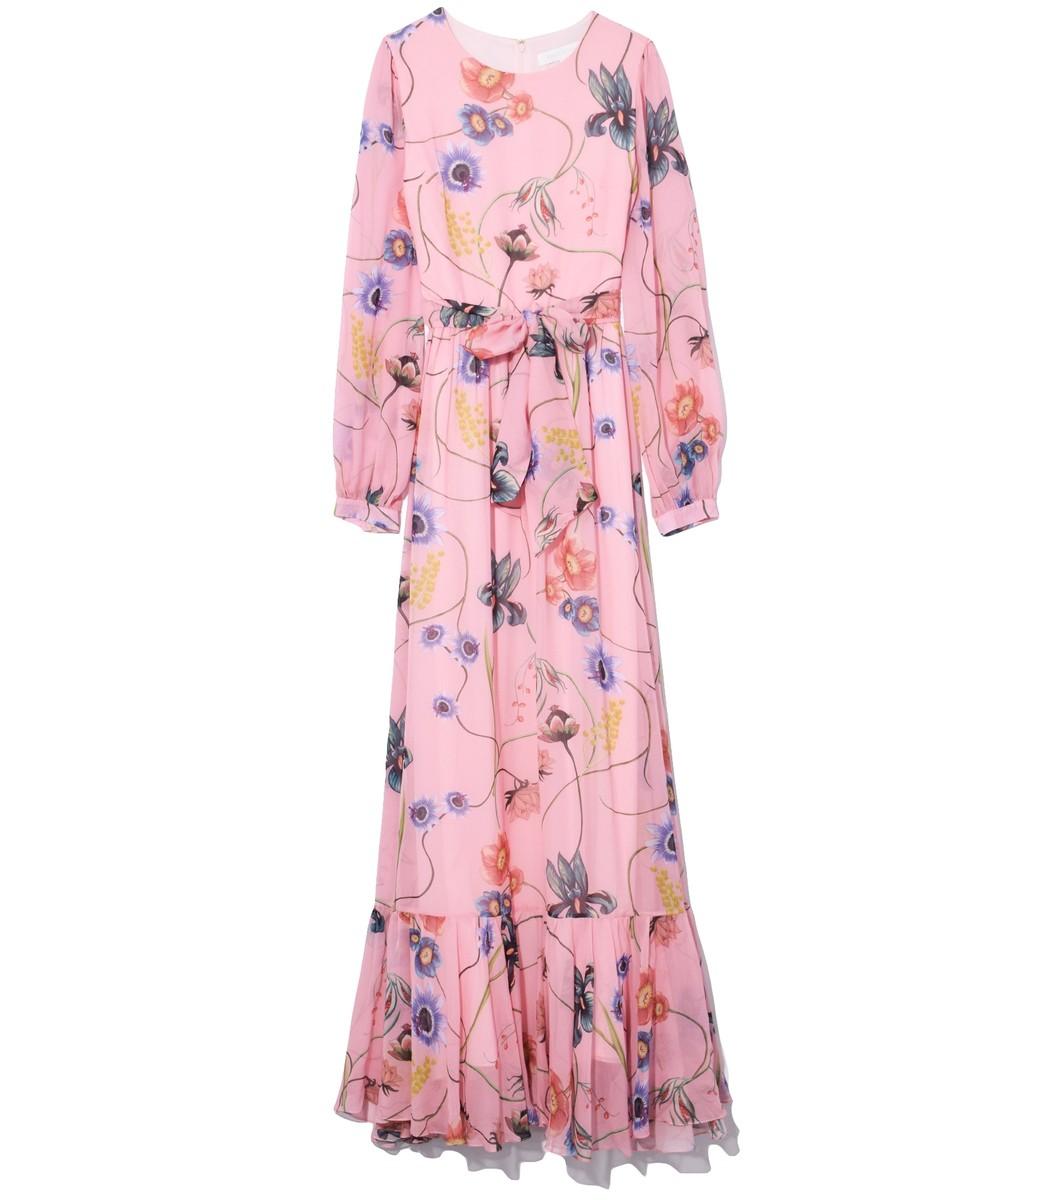 Borgo De Nor Dianora Georgette Dress in Pink